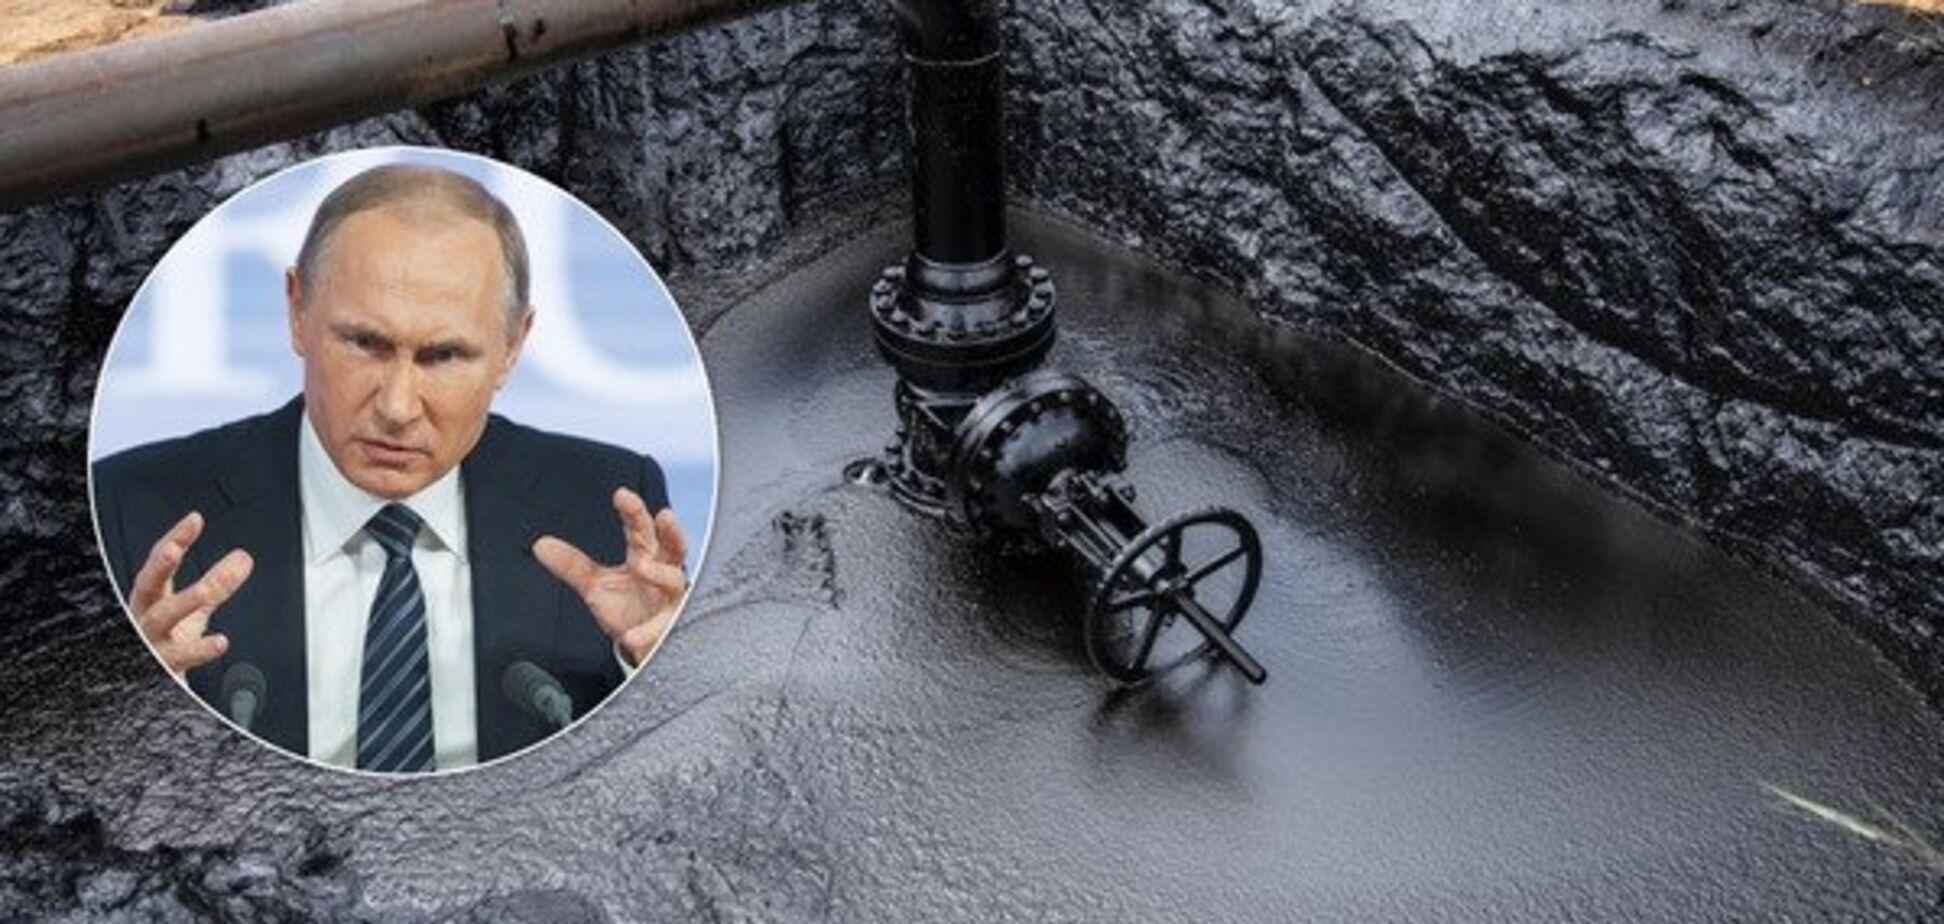 Цены на нефть рухнули, для Кремля наступила новая реальность